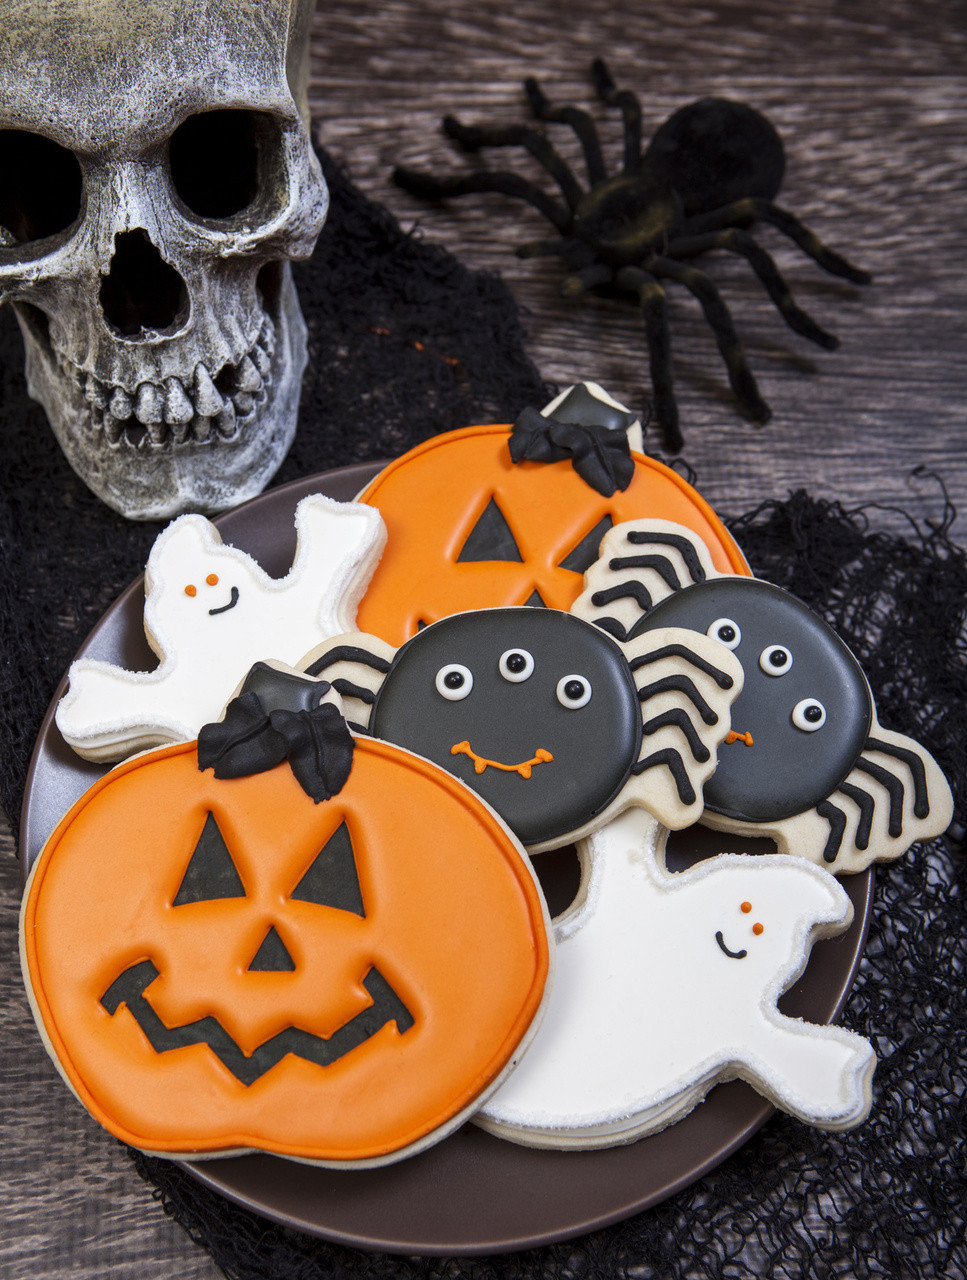 Decorating Halloween Cookies  Spooky Cookie Halloween Cookie Decorations